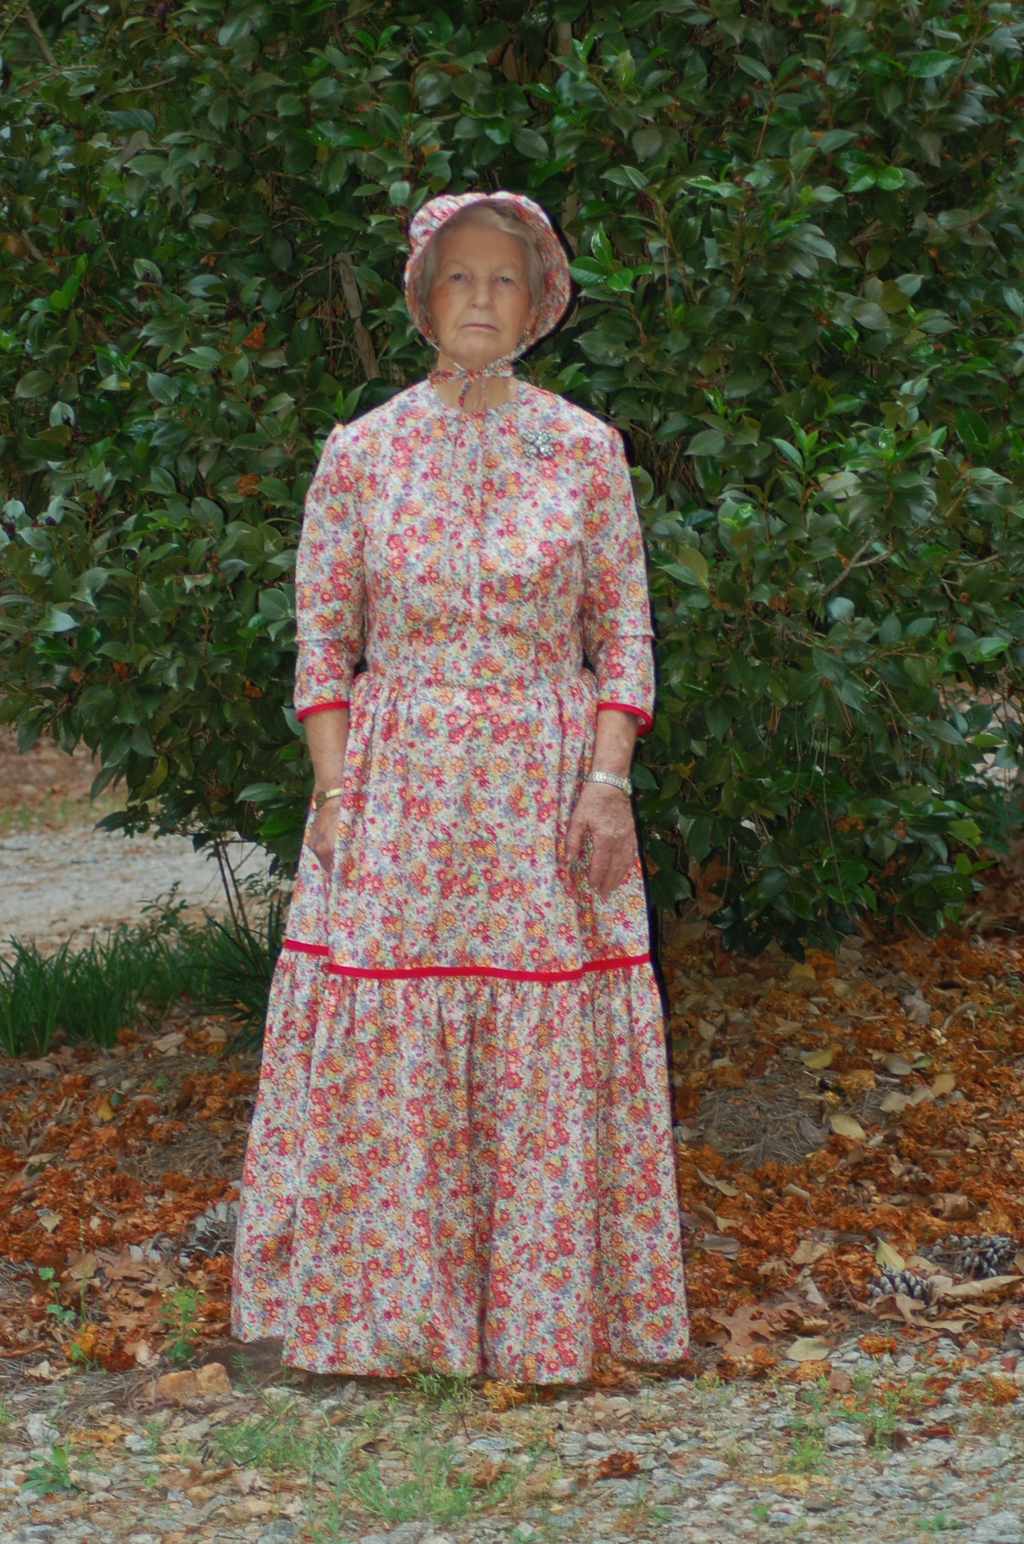 2020.08.11 Mom in Granny Dress rr